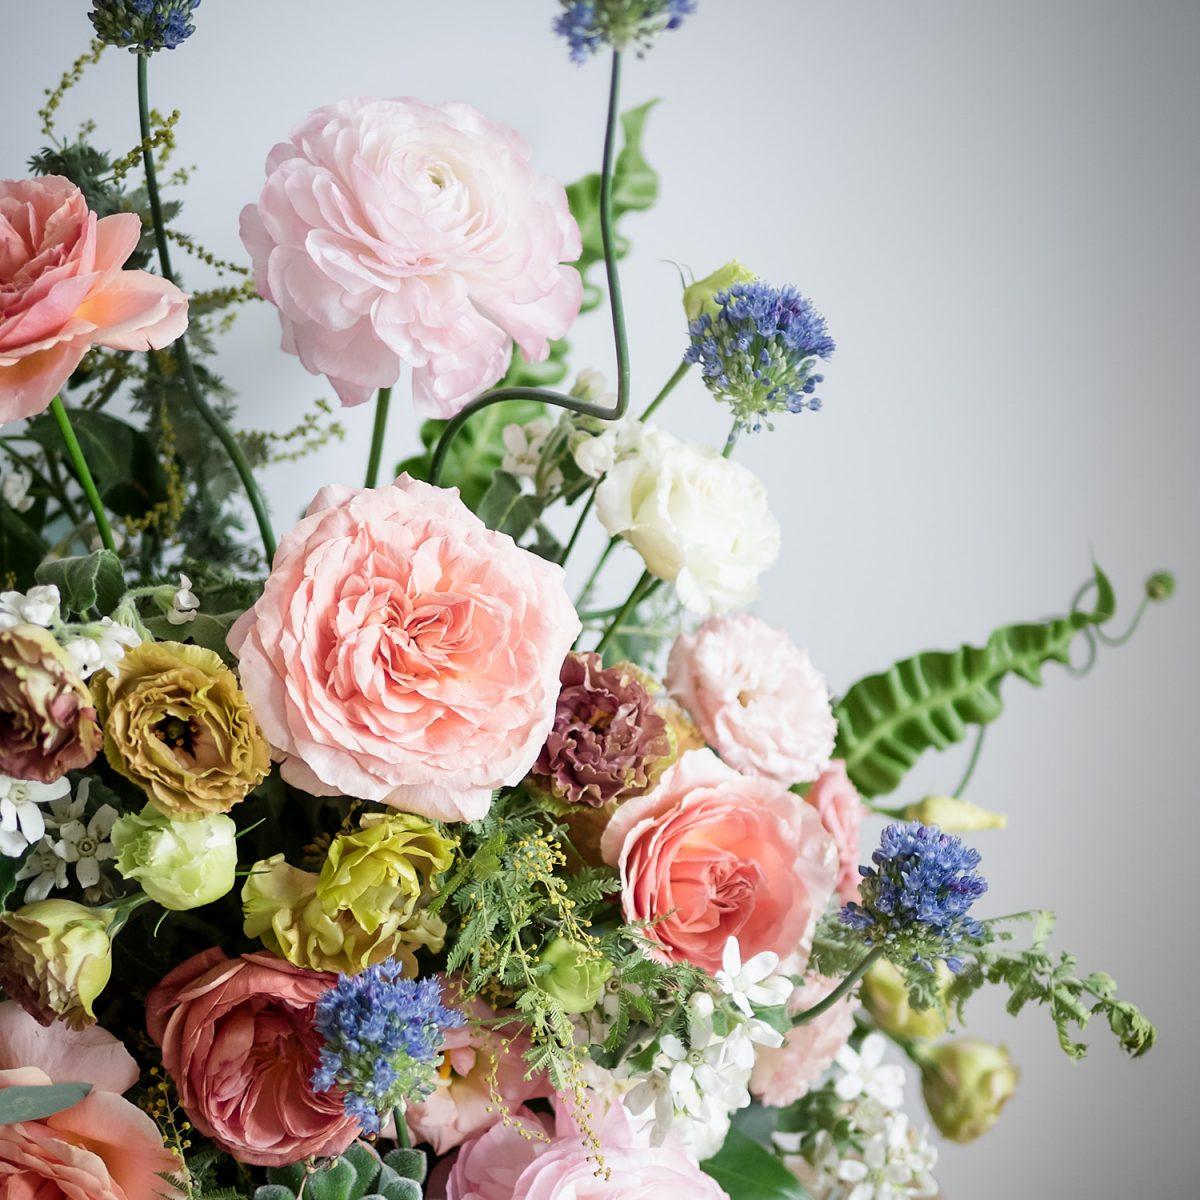 aranjament floral bujori trandafiri maison dadoo